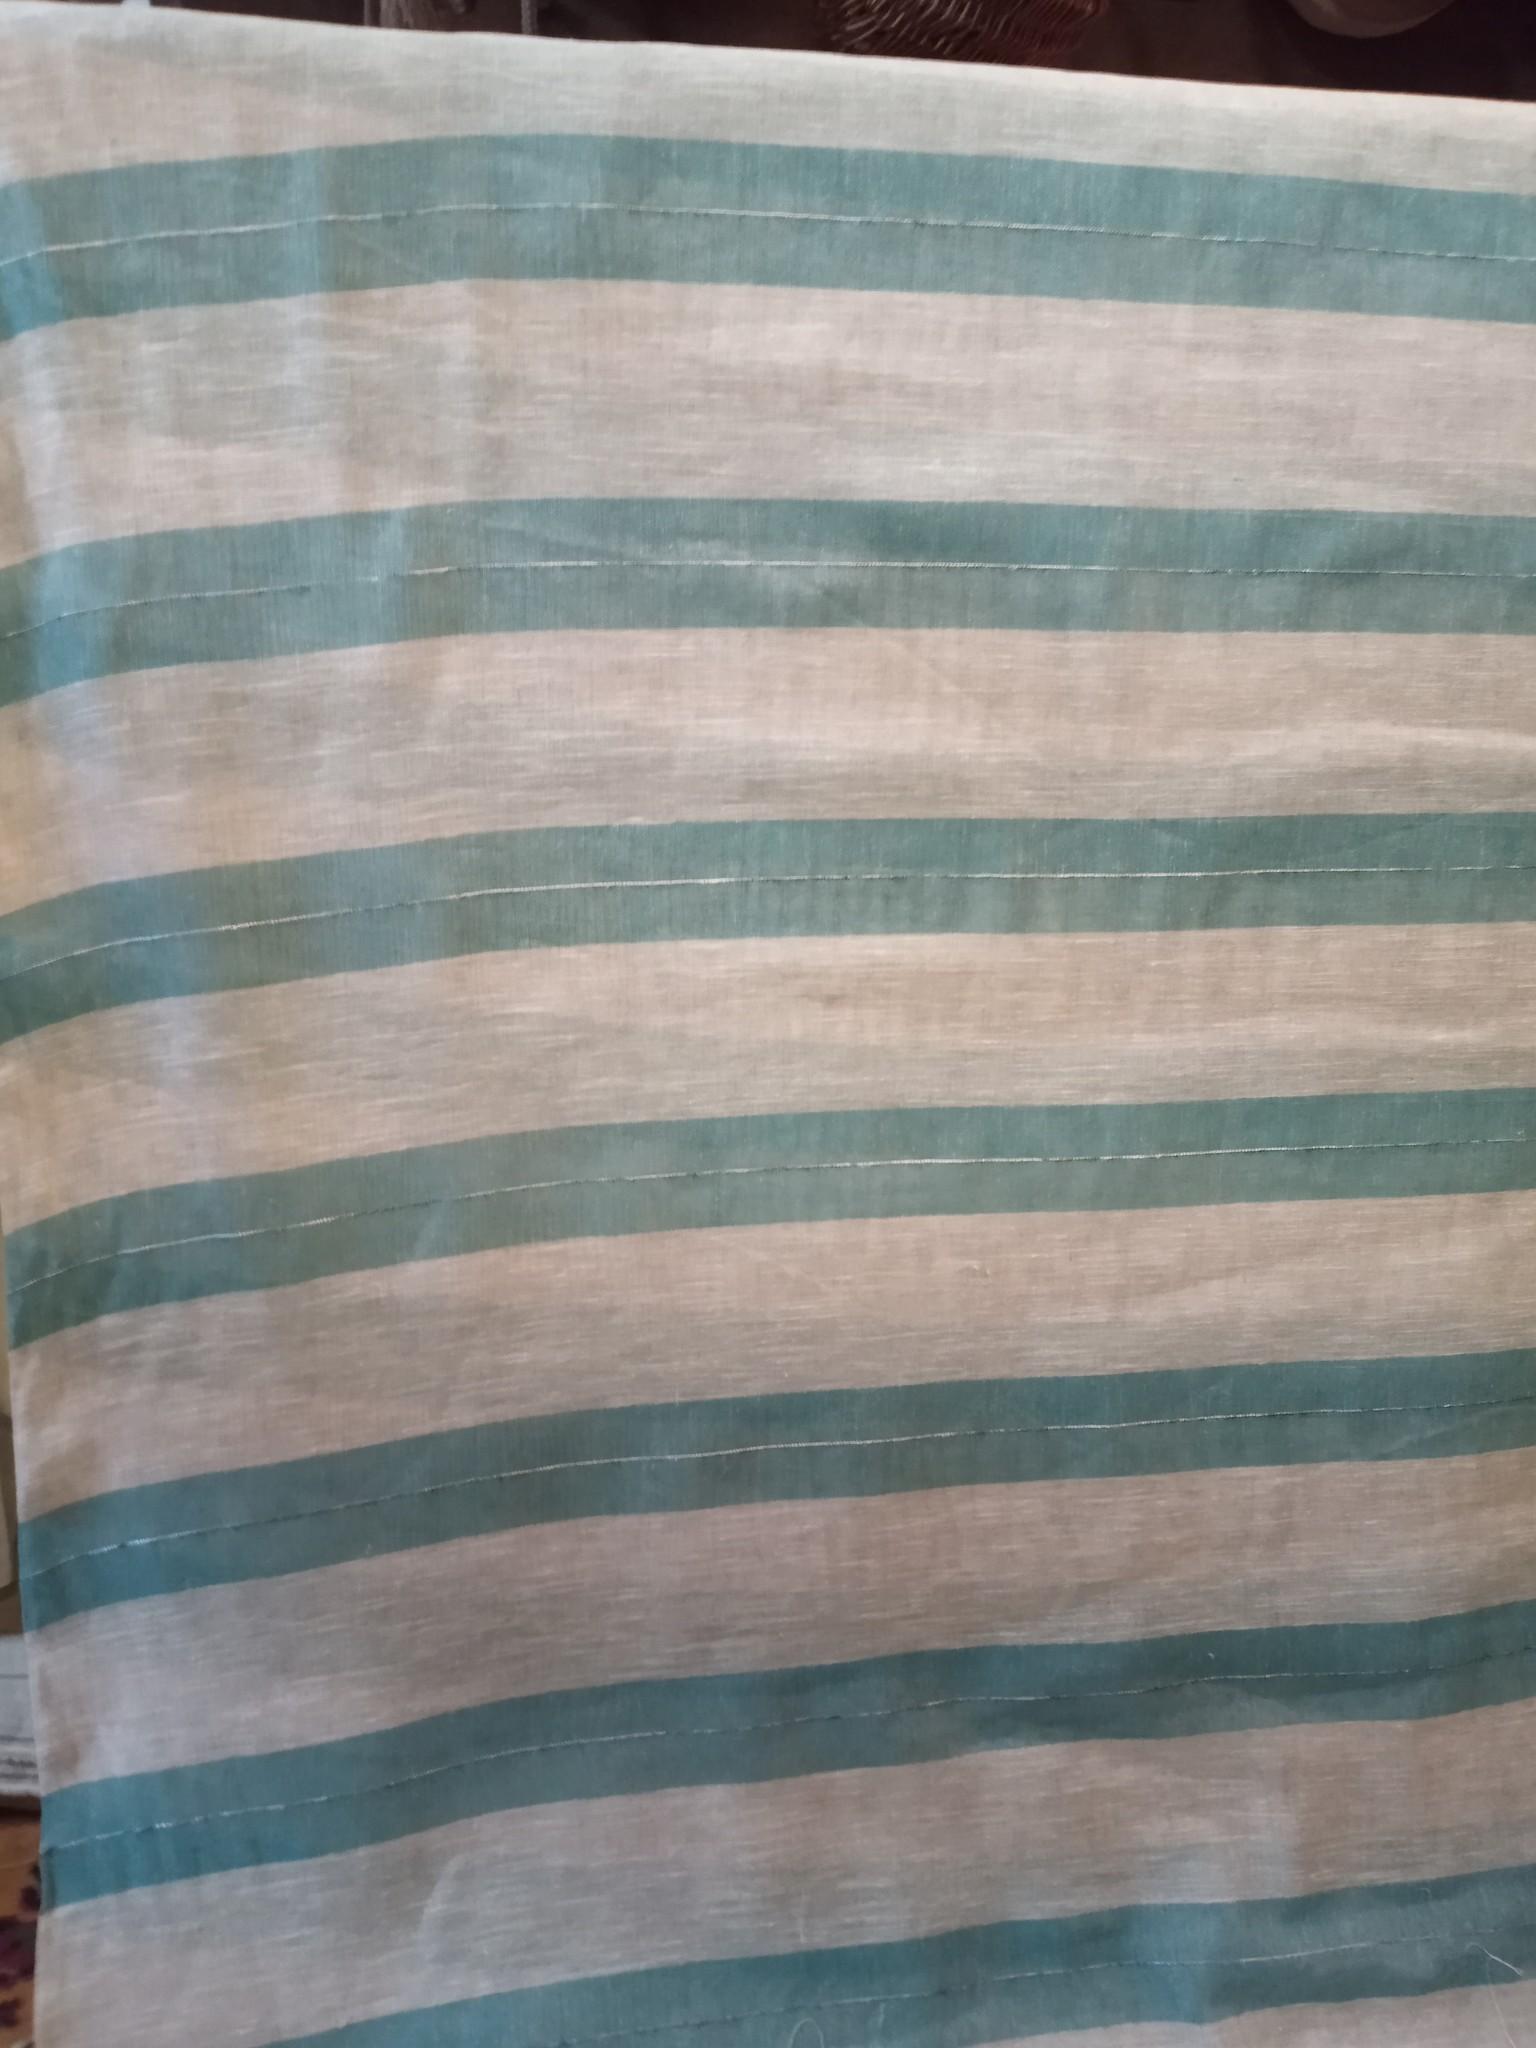 Ecru and blue striped curtain